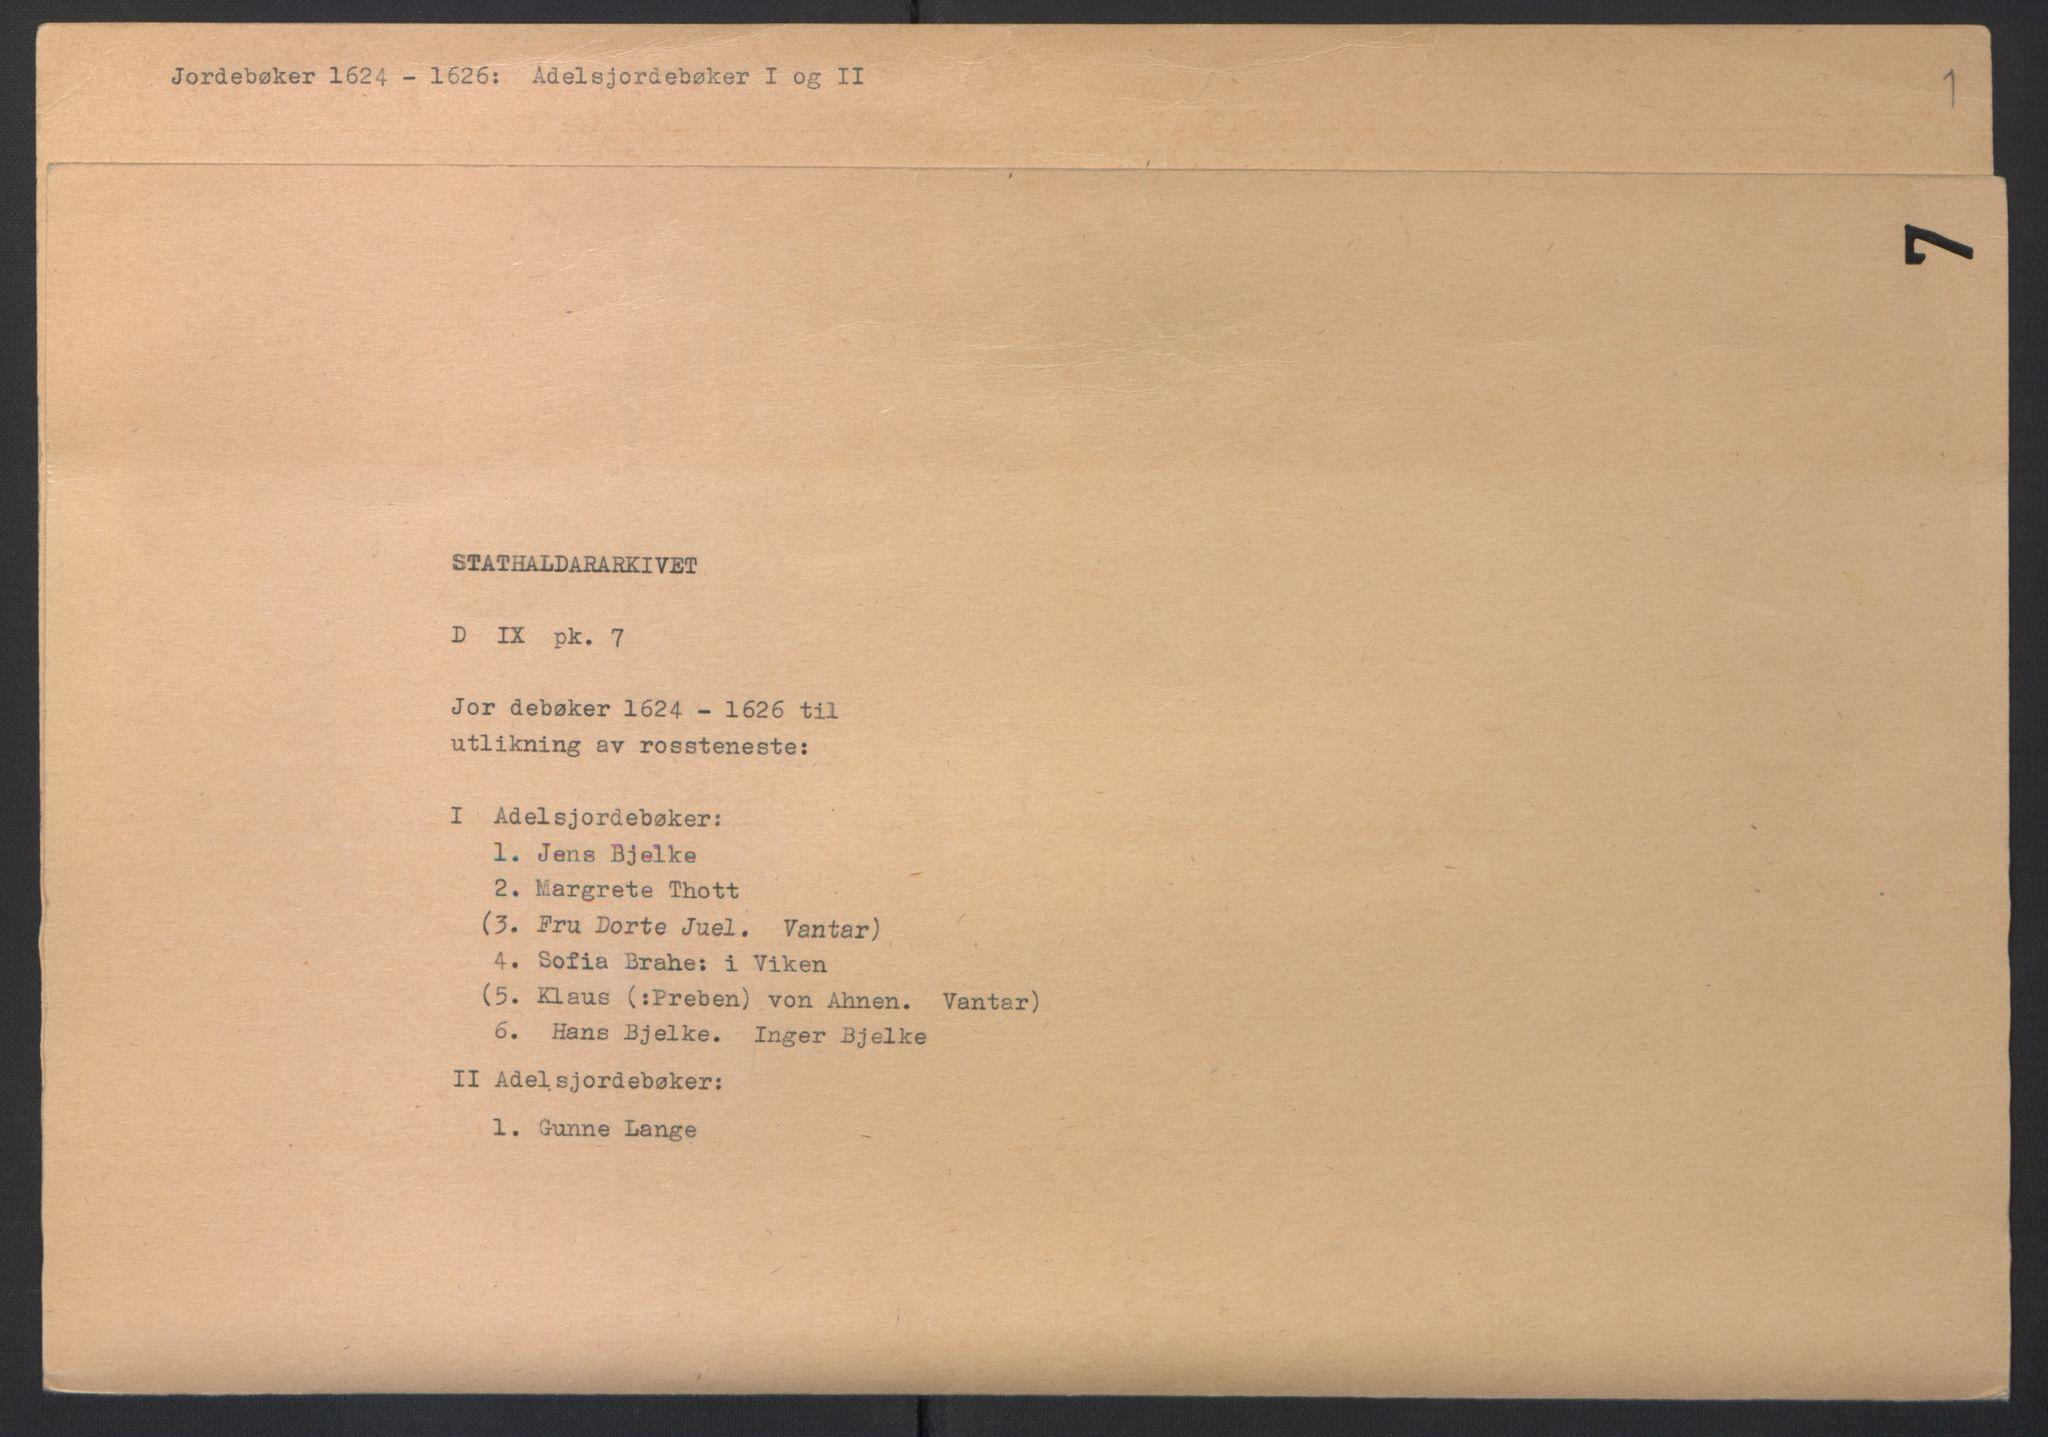 RA, Stattholderembetet 1572-1771, Ek/L0007: Jordebøker til utlikning av rosstjeneste 1624-1626:, 1624-1625, s. 2